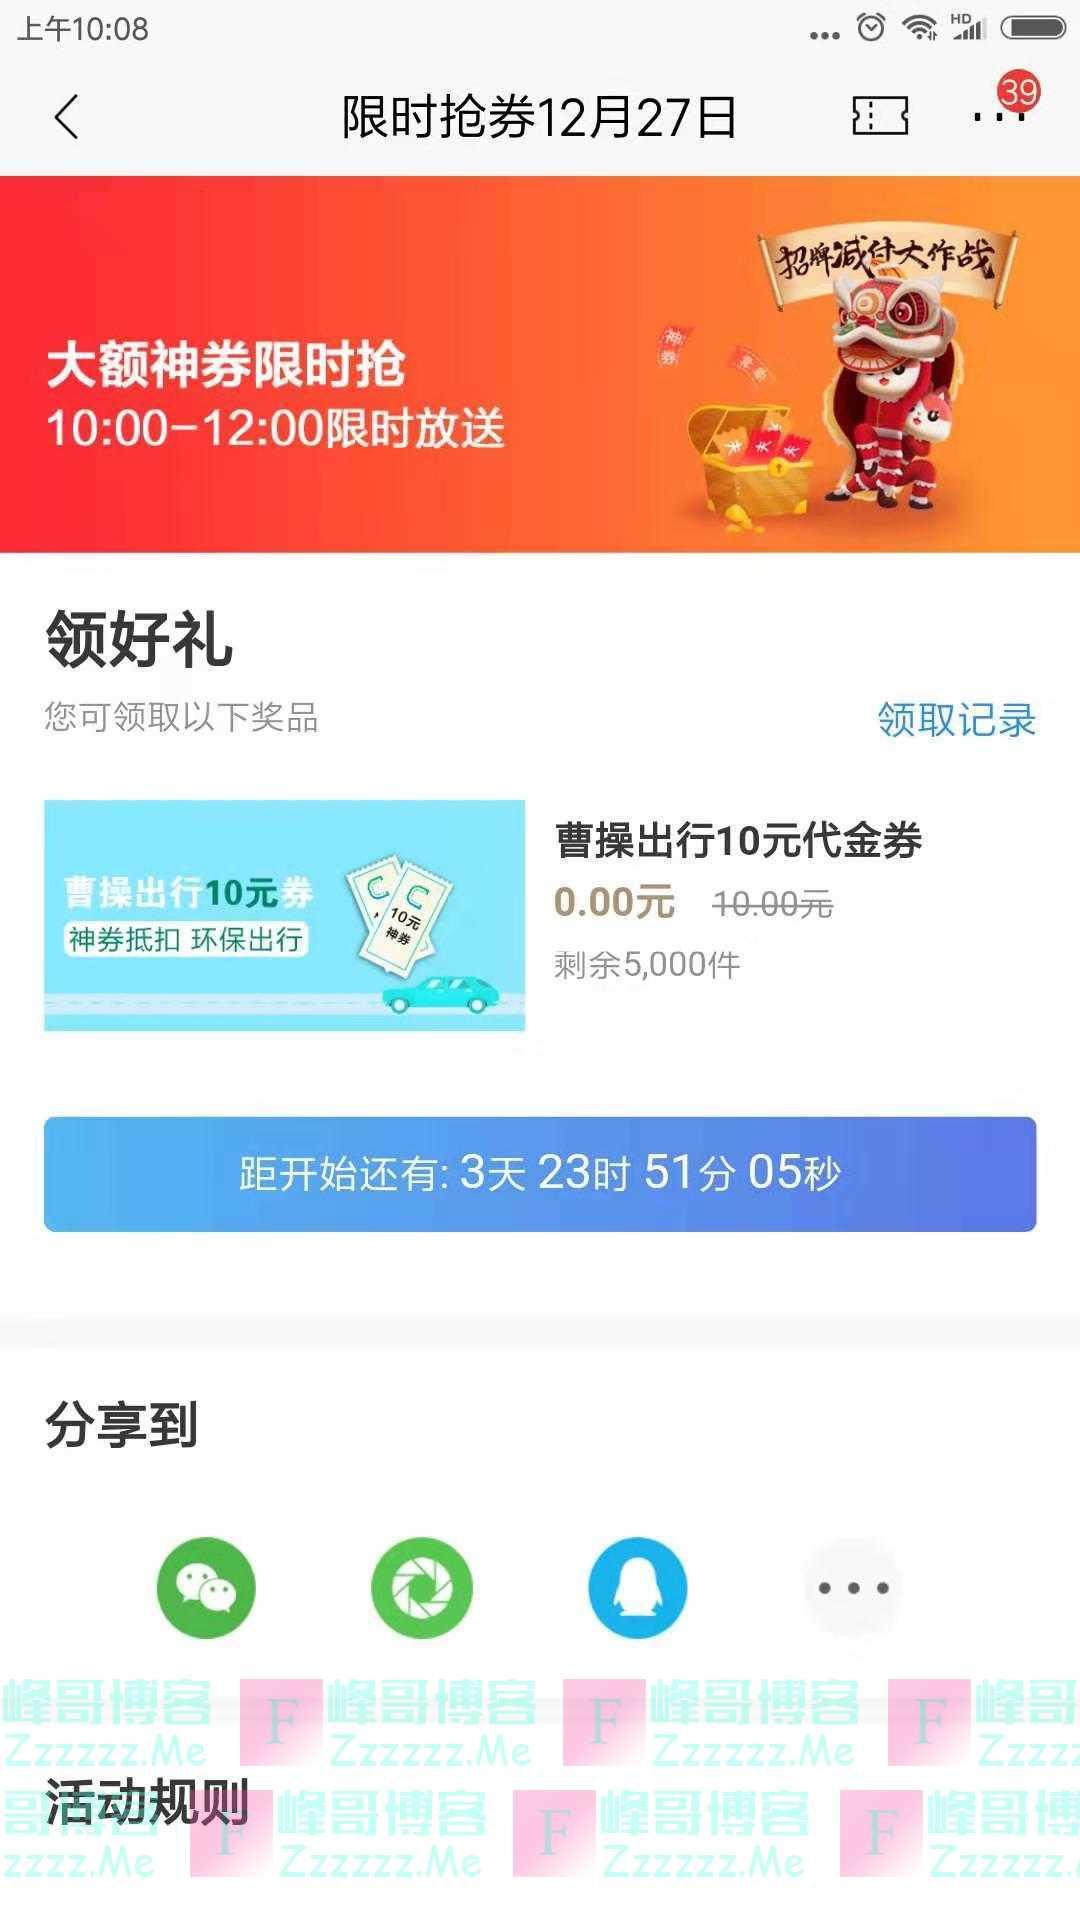 招行12.27抢曹操出行10元代金券(截止12月27日)